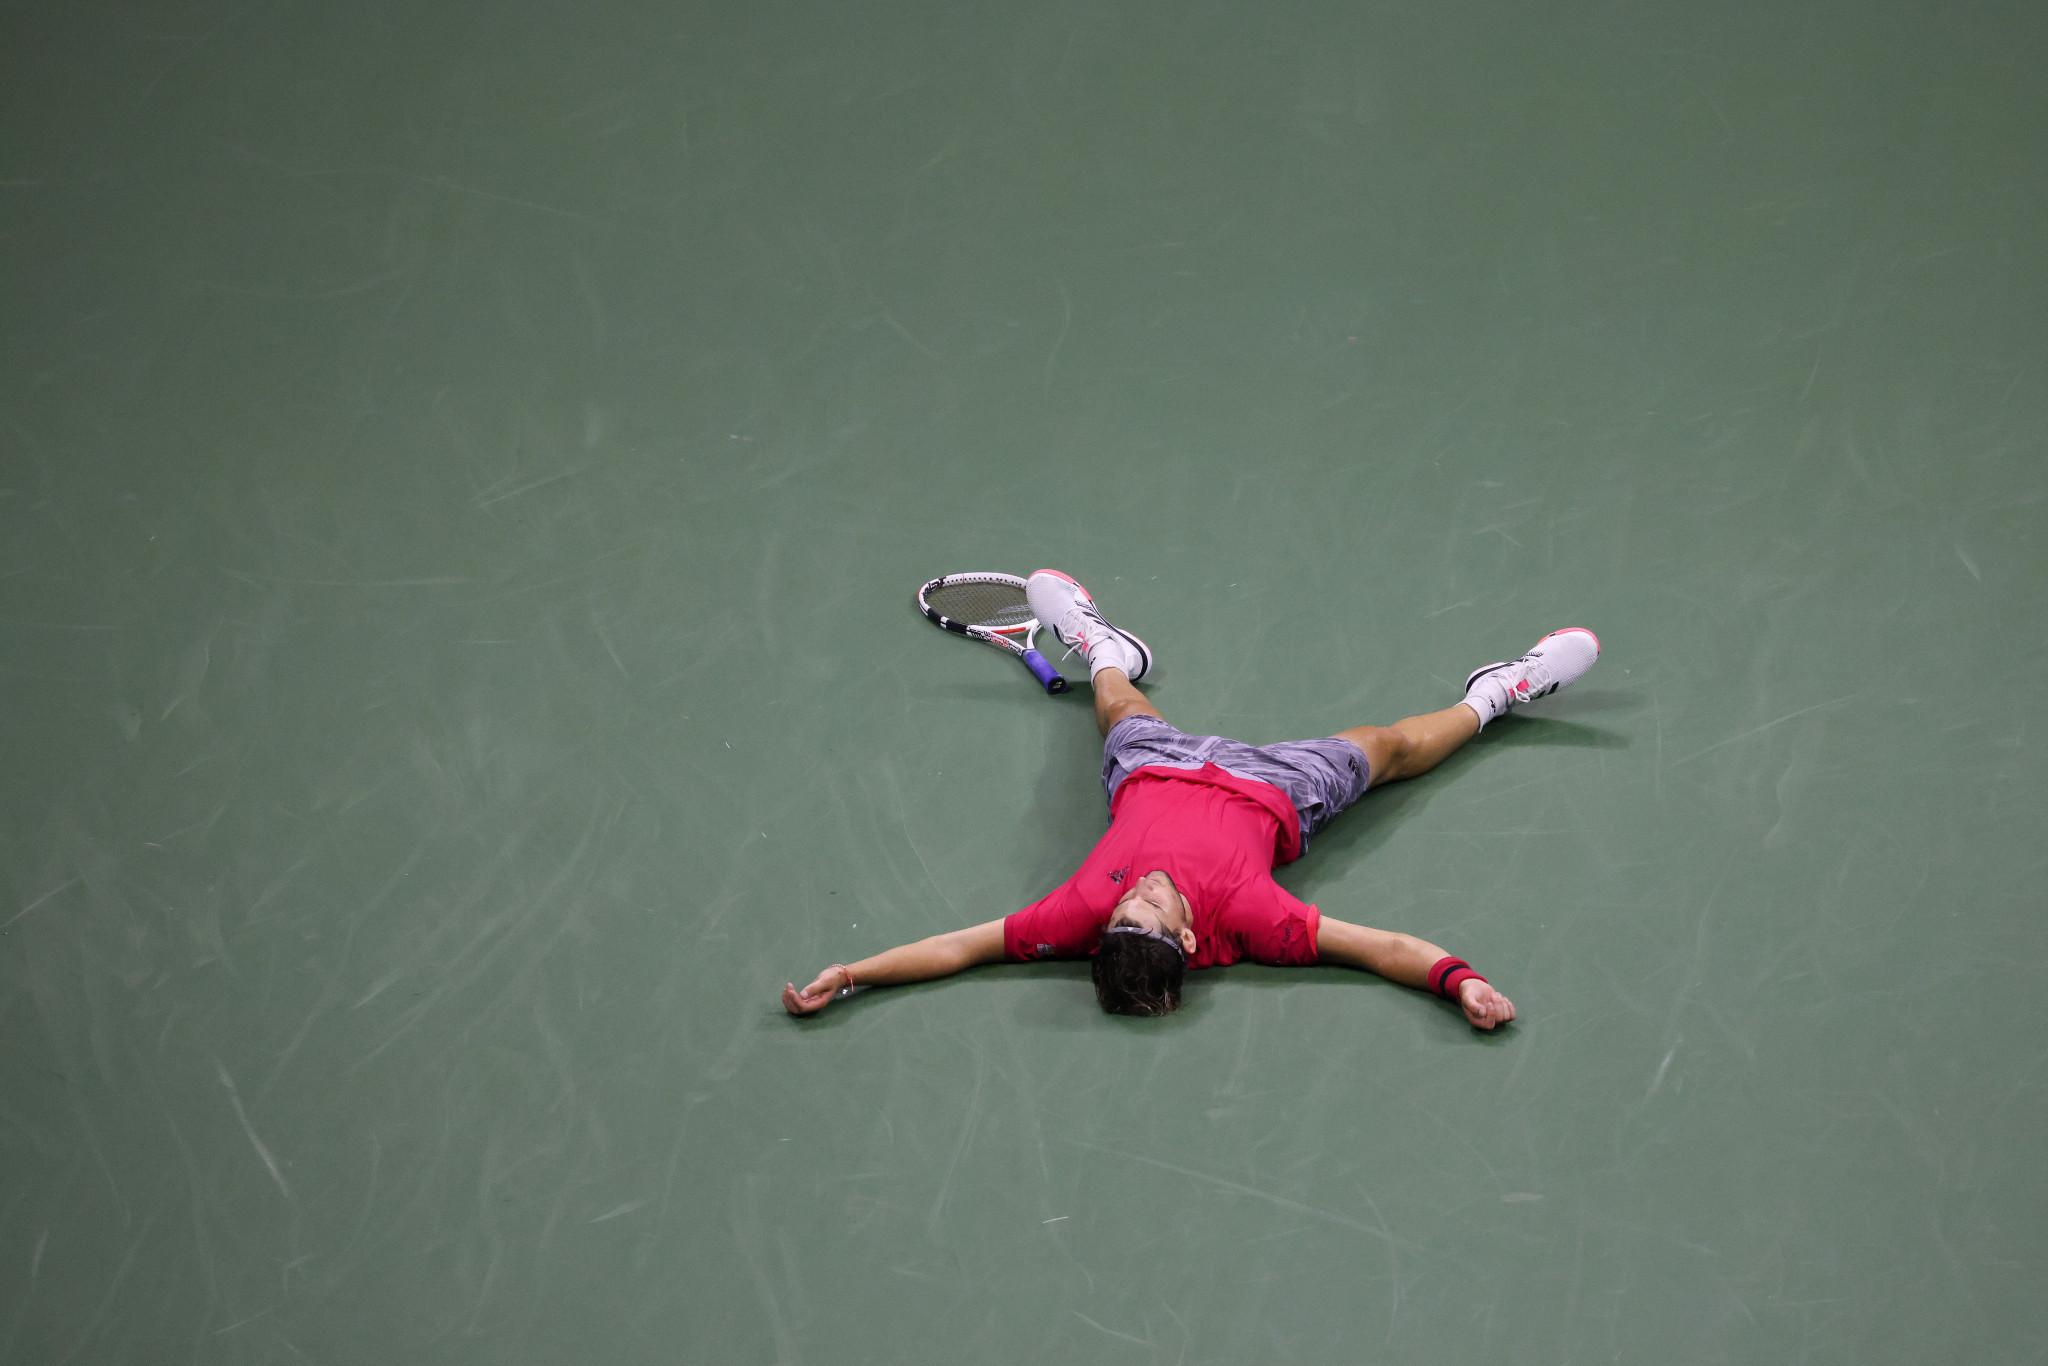 Thiem defeats Zverev to become first new men's Grand Slam winner since 2014